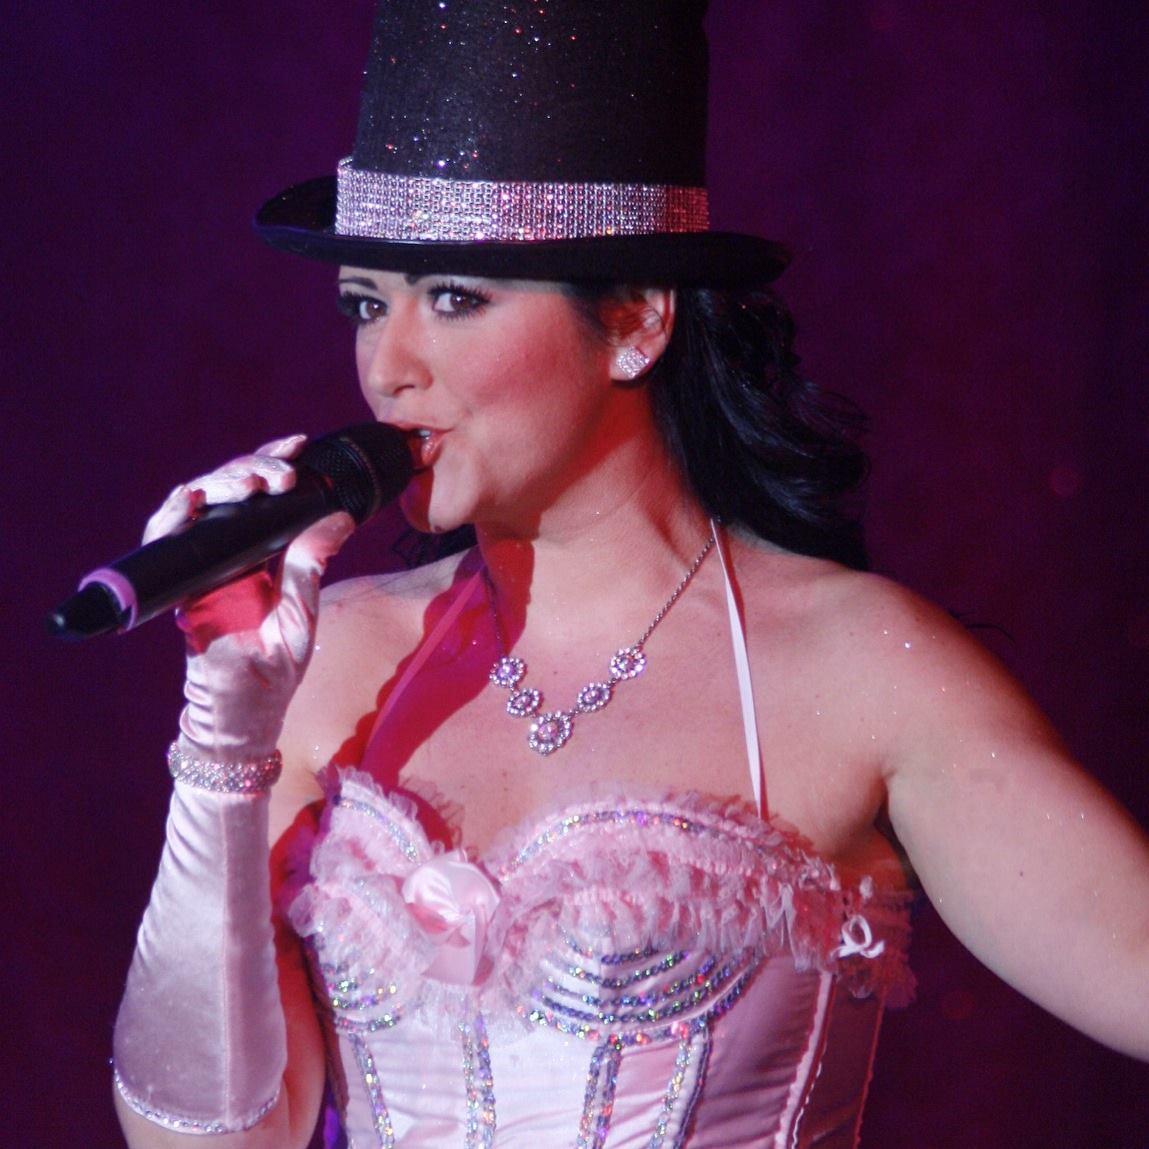 Circus Vocalist